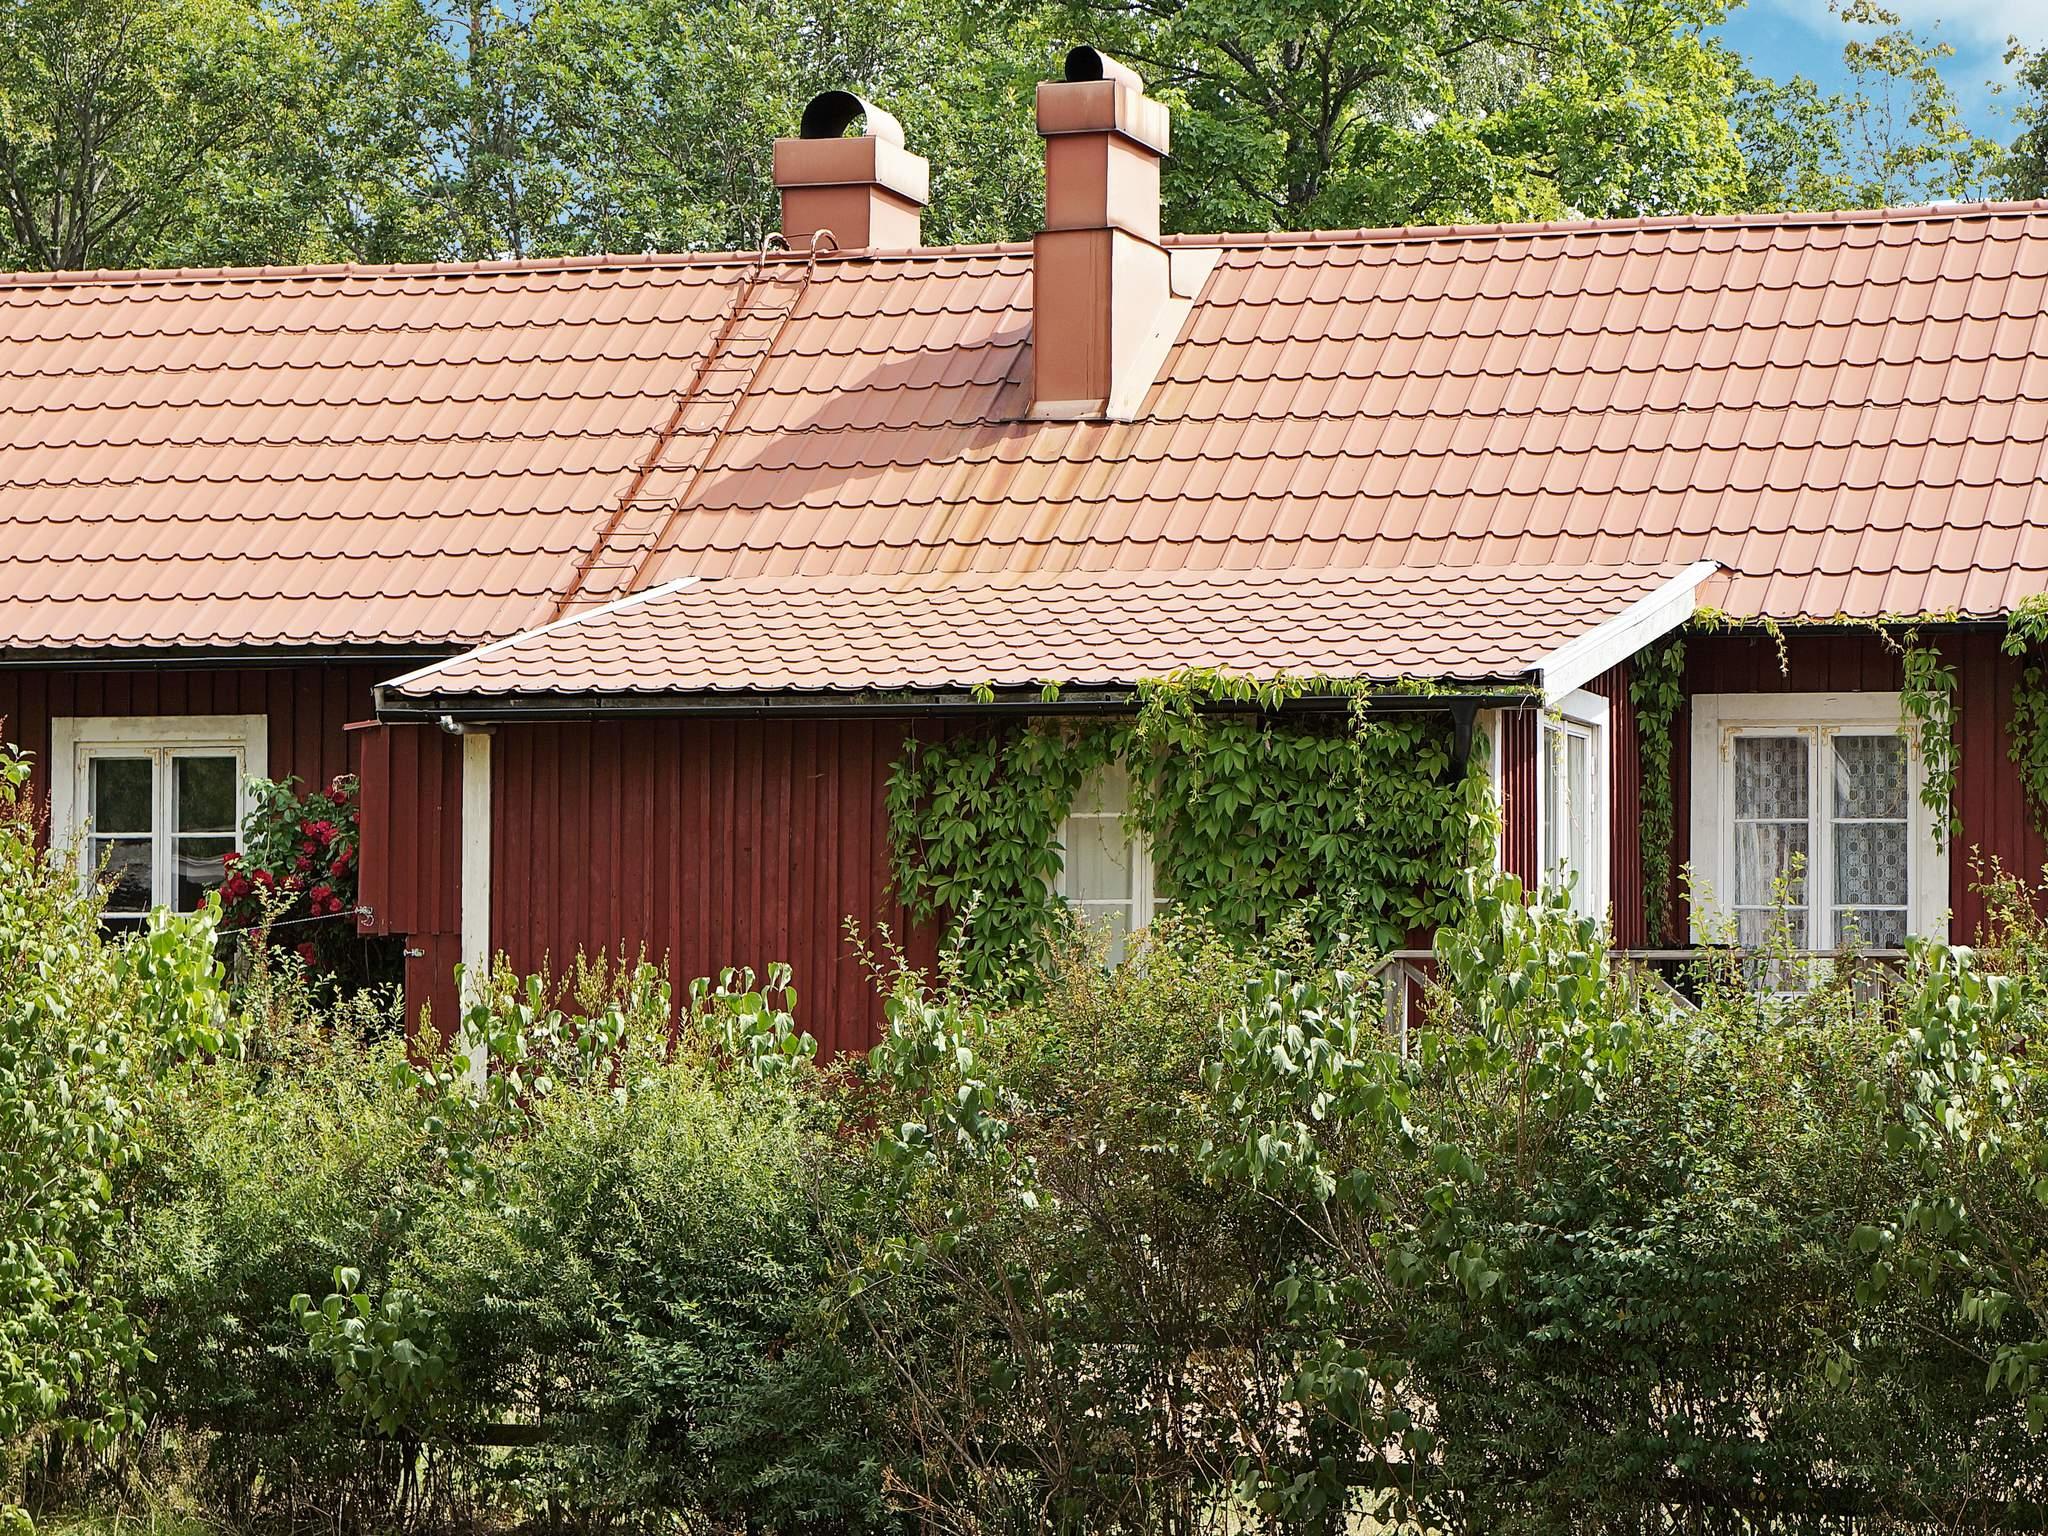 Ferienhaus Tving (135628), Tving, Blekinge län, Südschweden, Schweden, Bild 8